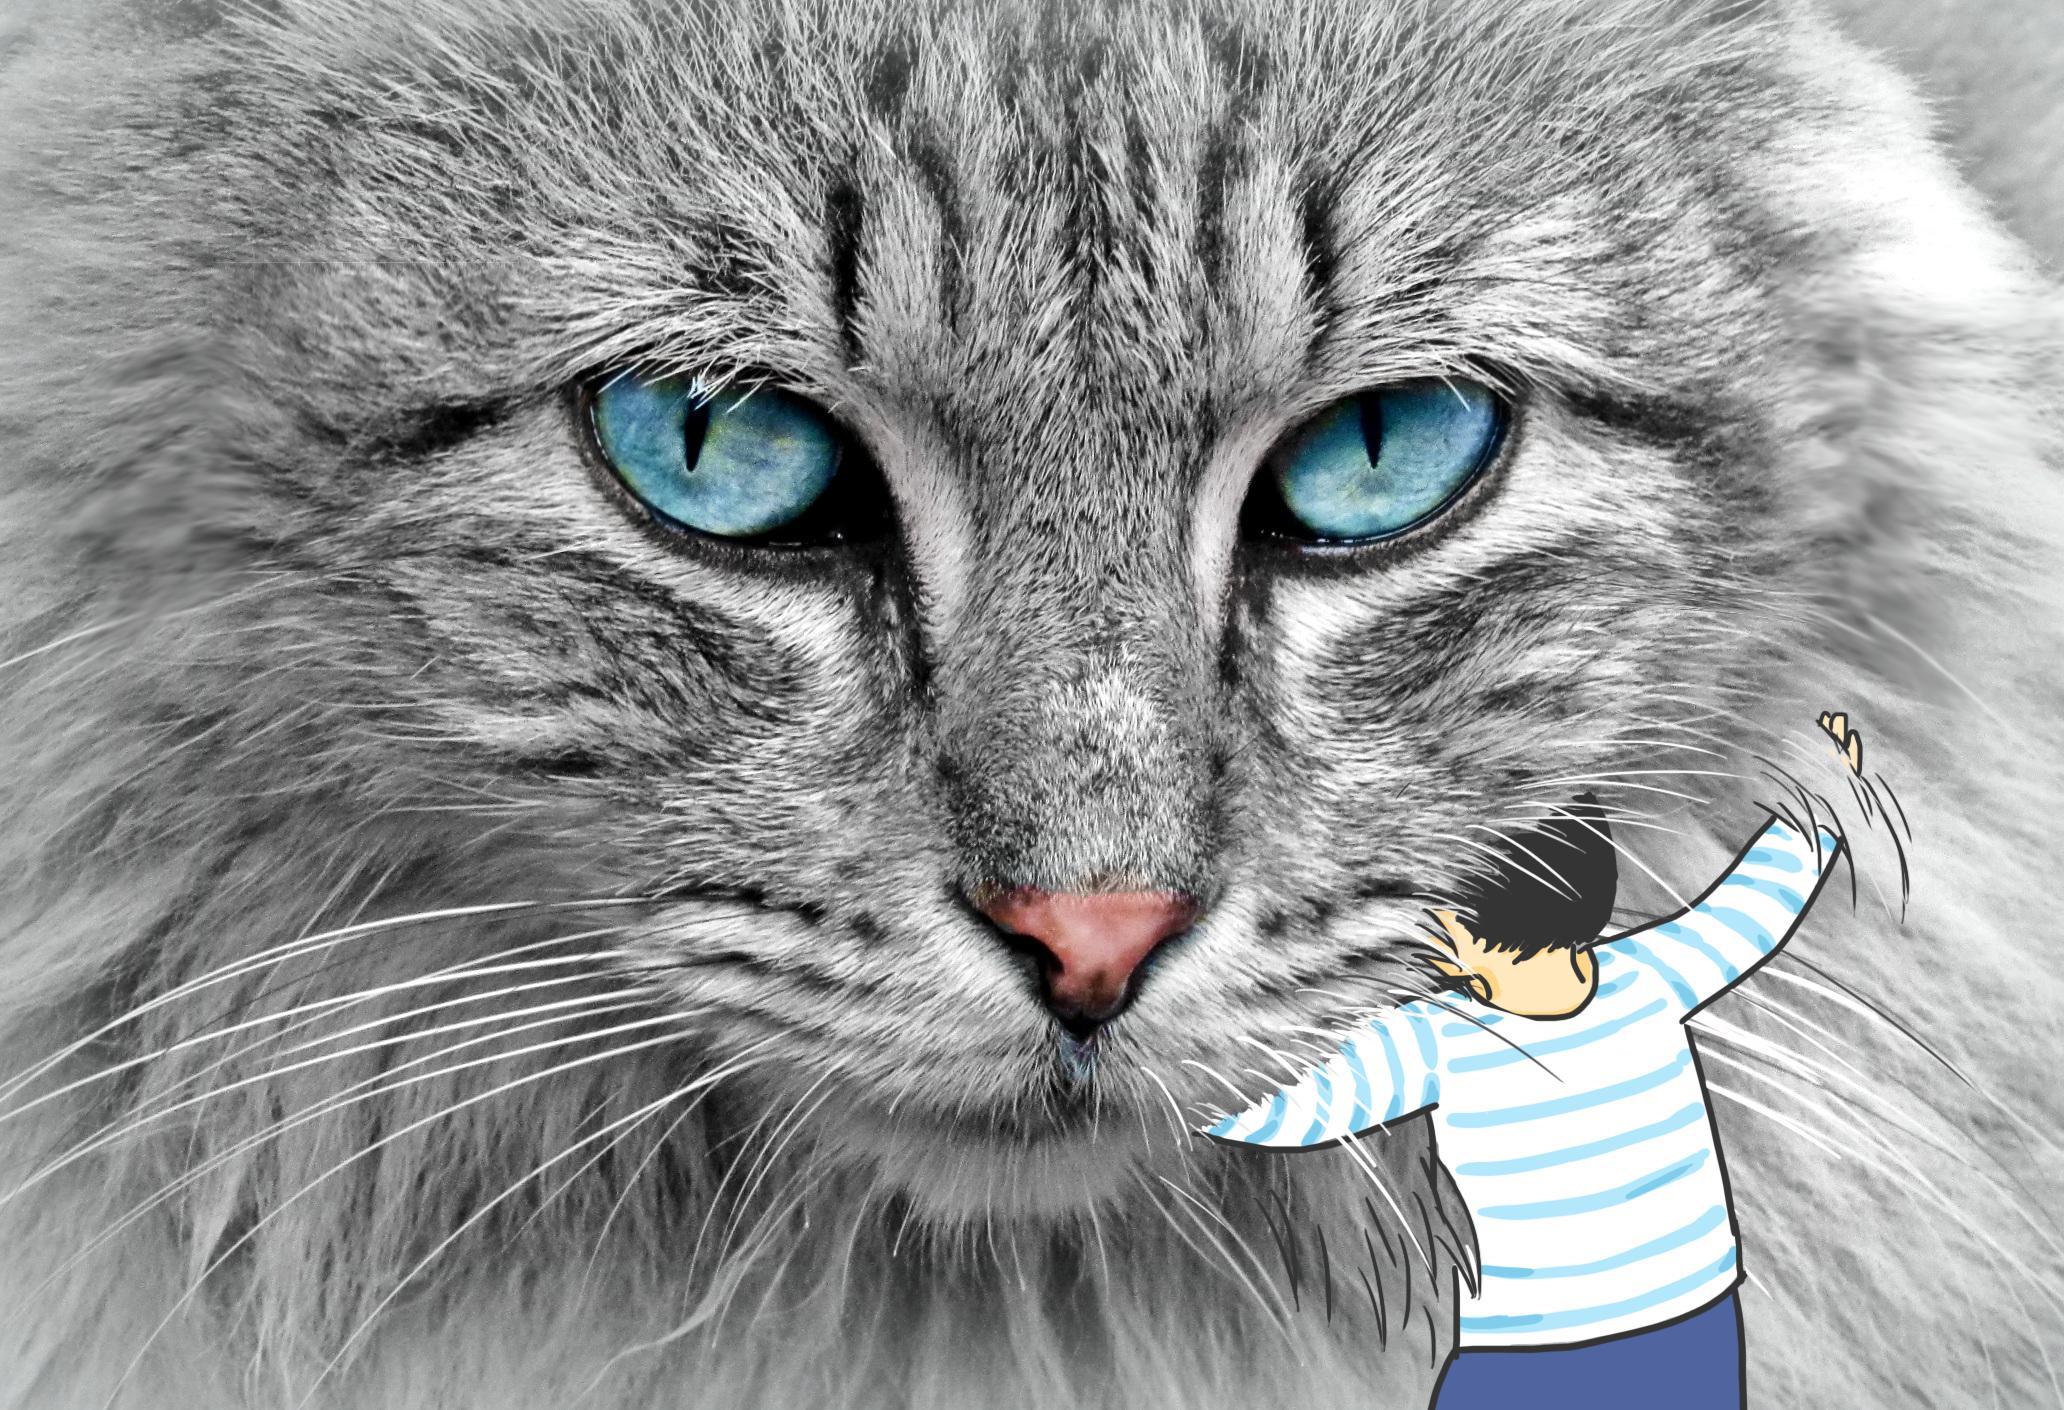 我是行走的猫薄荷吗?为什么我的猫咪直勾勾地盯着我?